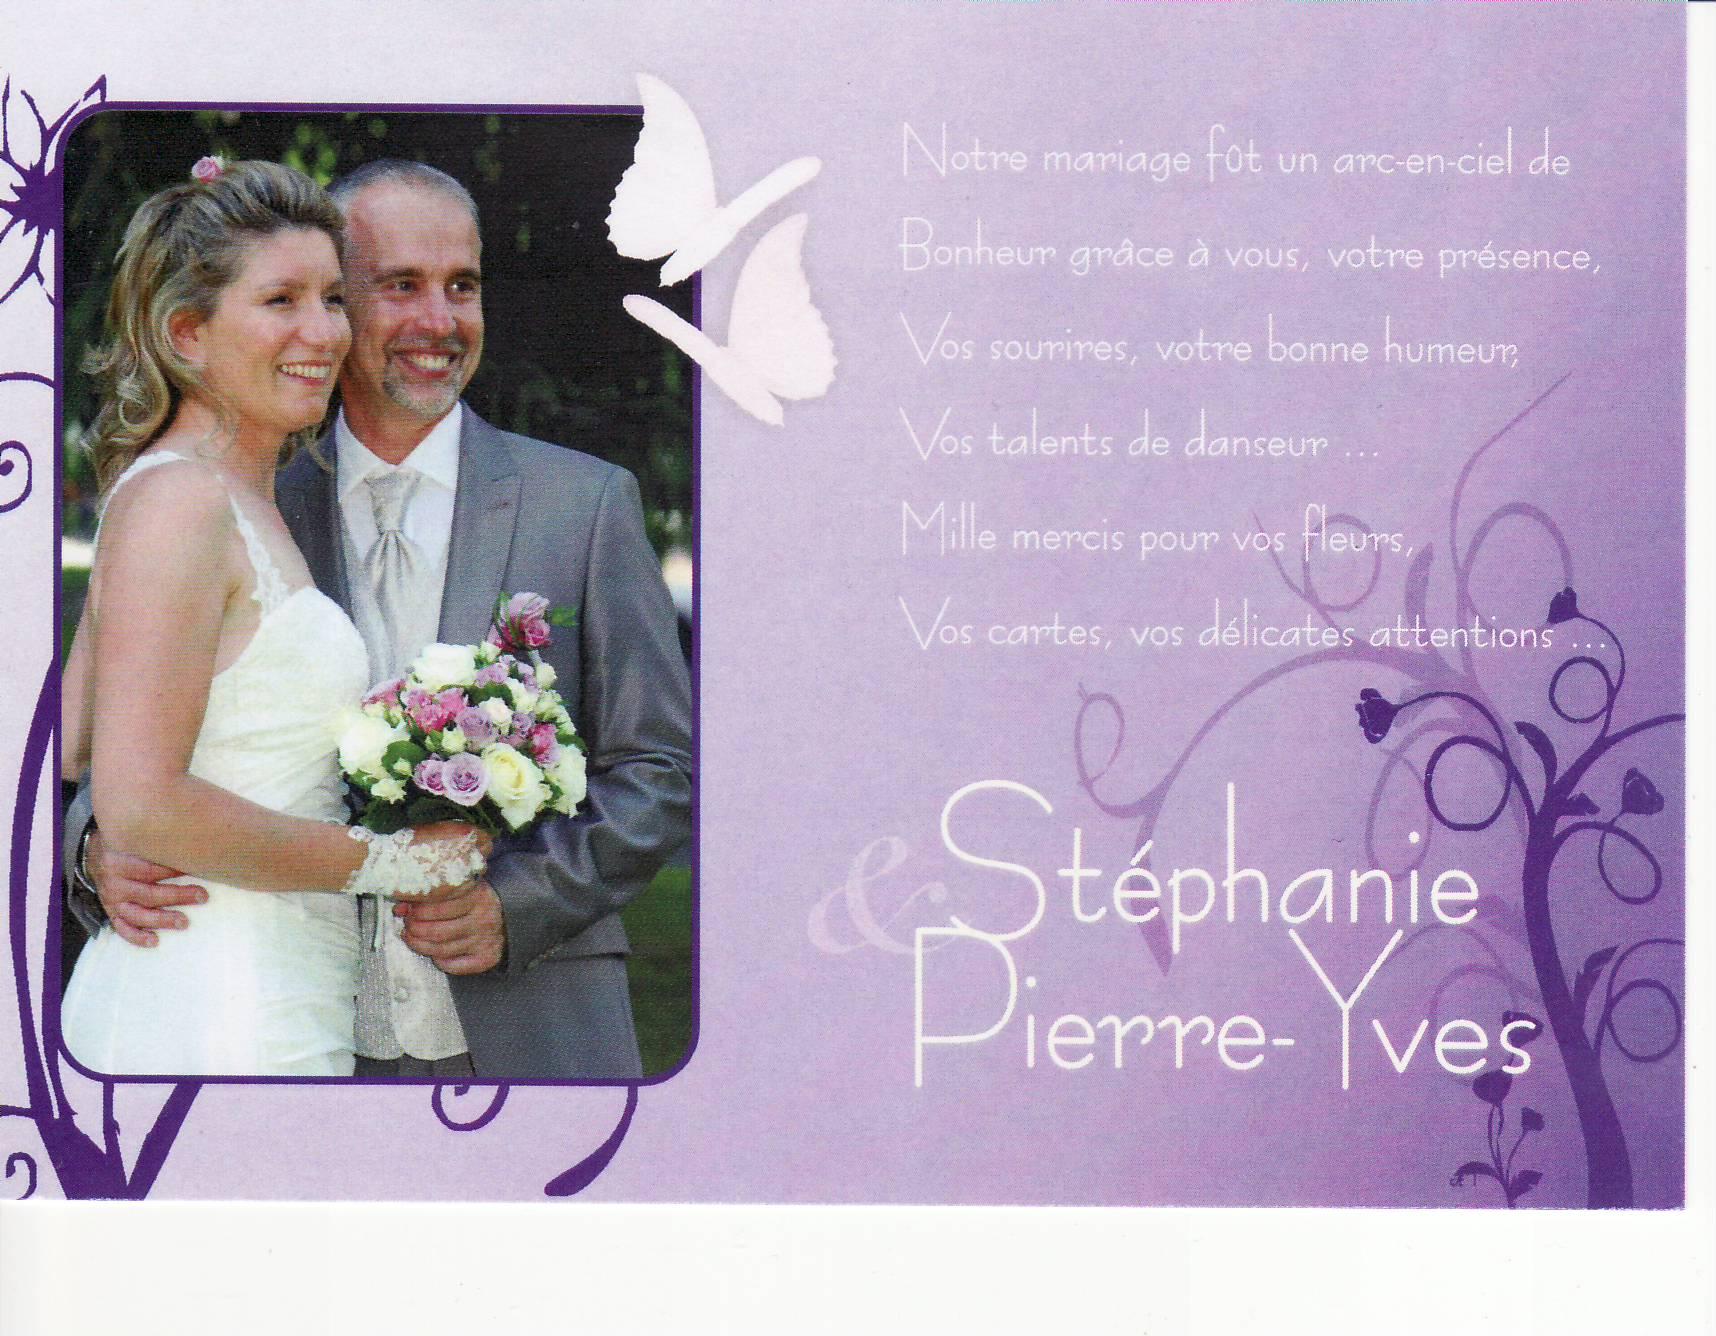 Mariage_SILBERSTEIN_Pierre-Yves_&_Stéphanie_(La_Forge_1875_Passy)_(31-05-2014)_1